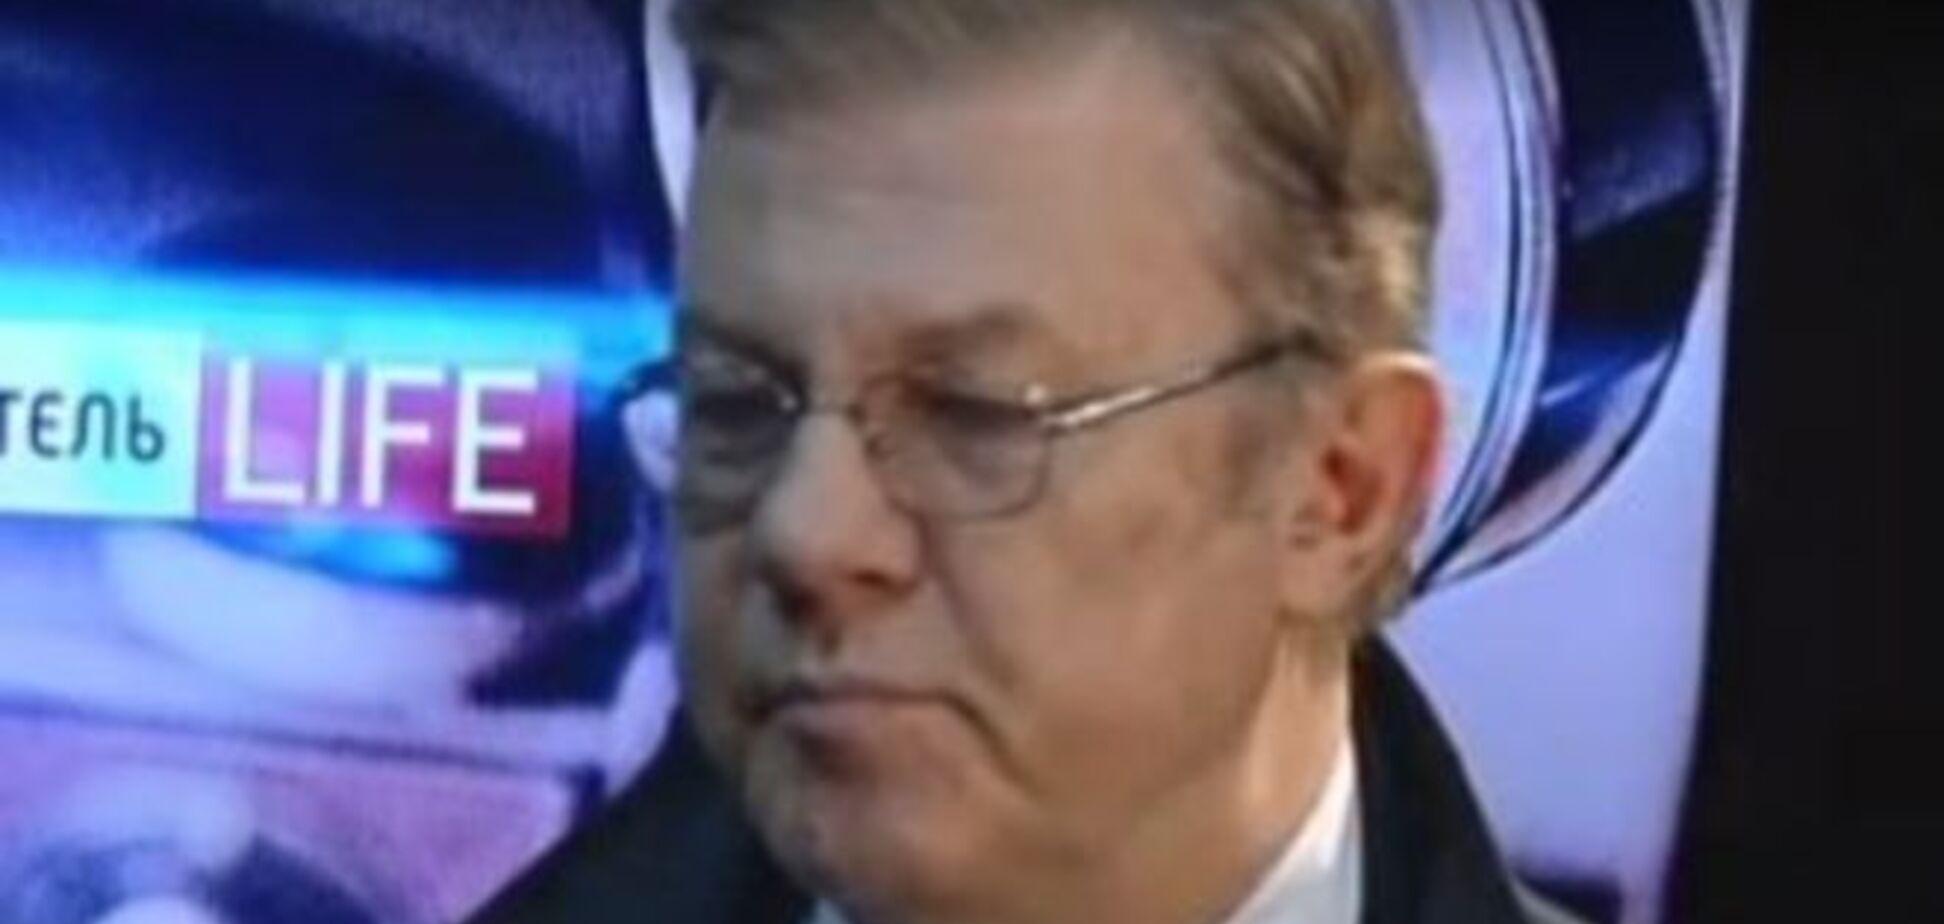 Екс-міністр економіки України: 'Нафтогаз' і так краде, а Яценюк тільки сприяє цьому